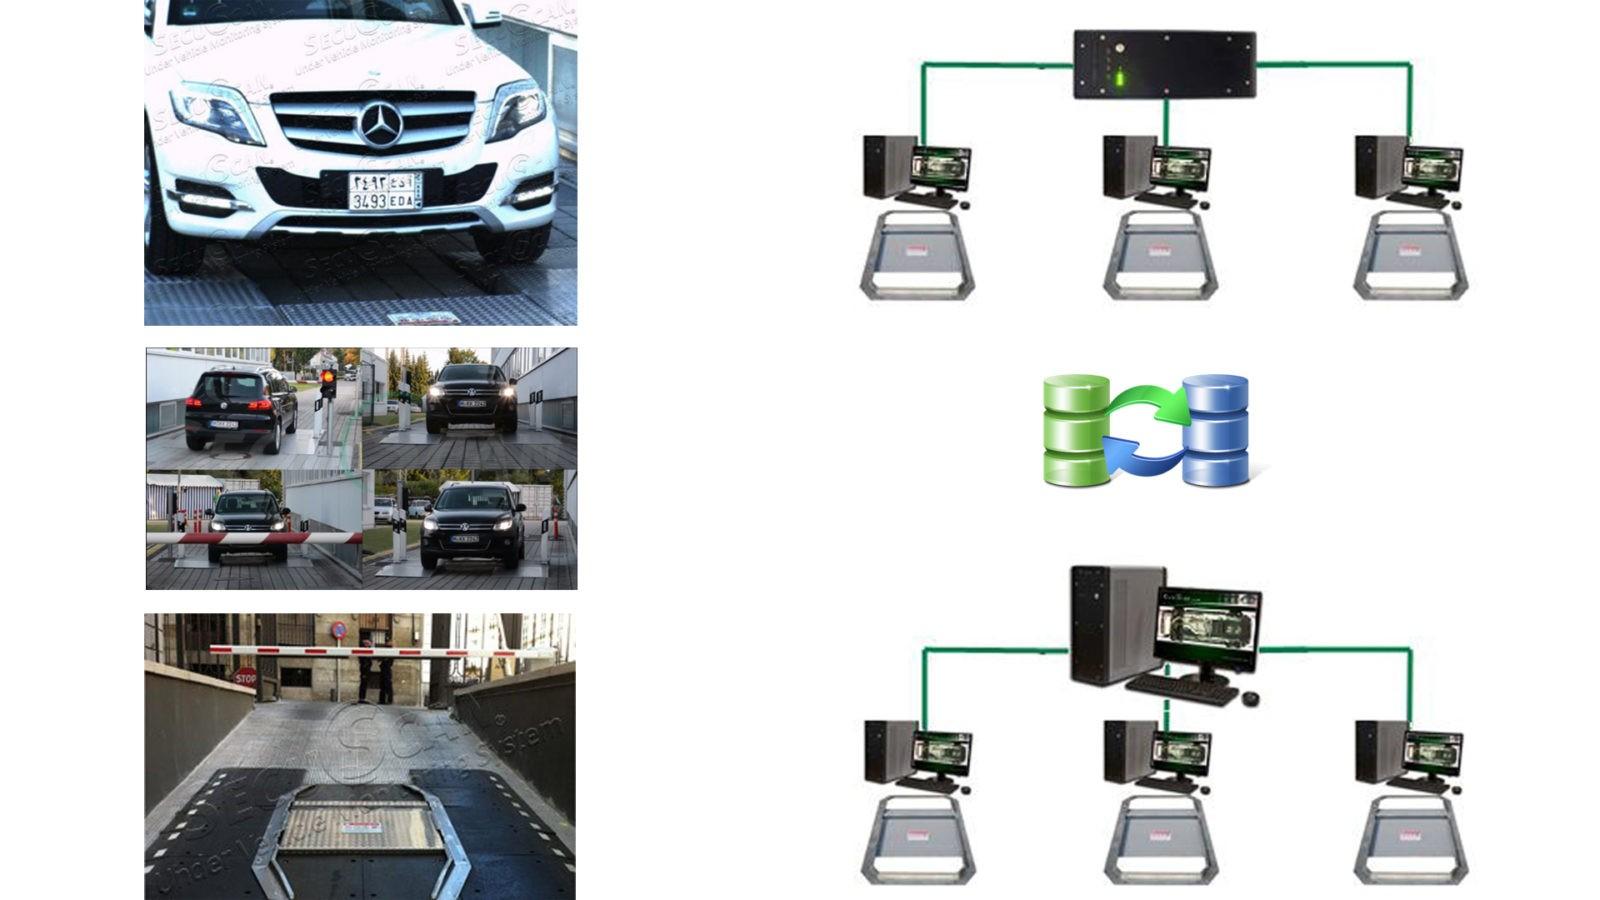 Система досмотра днища автомобилей - преимущества